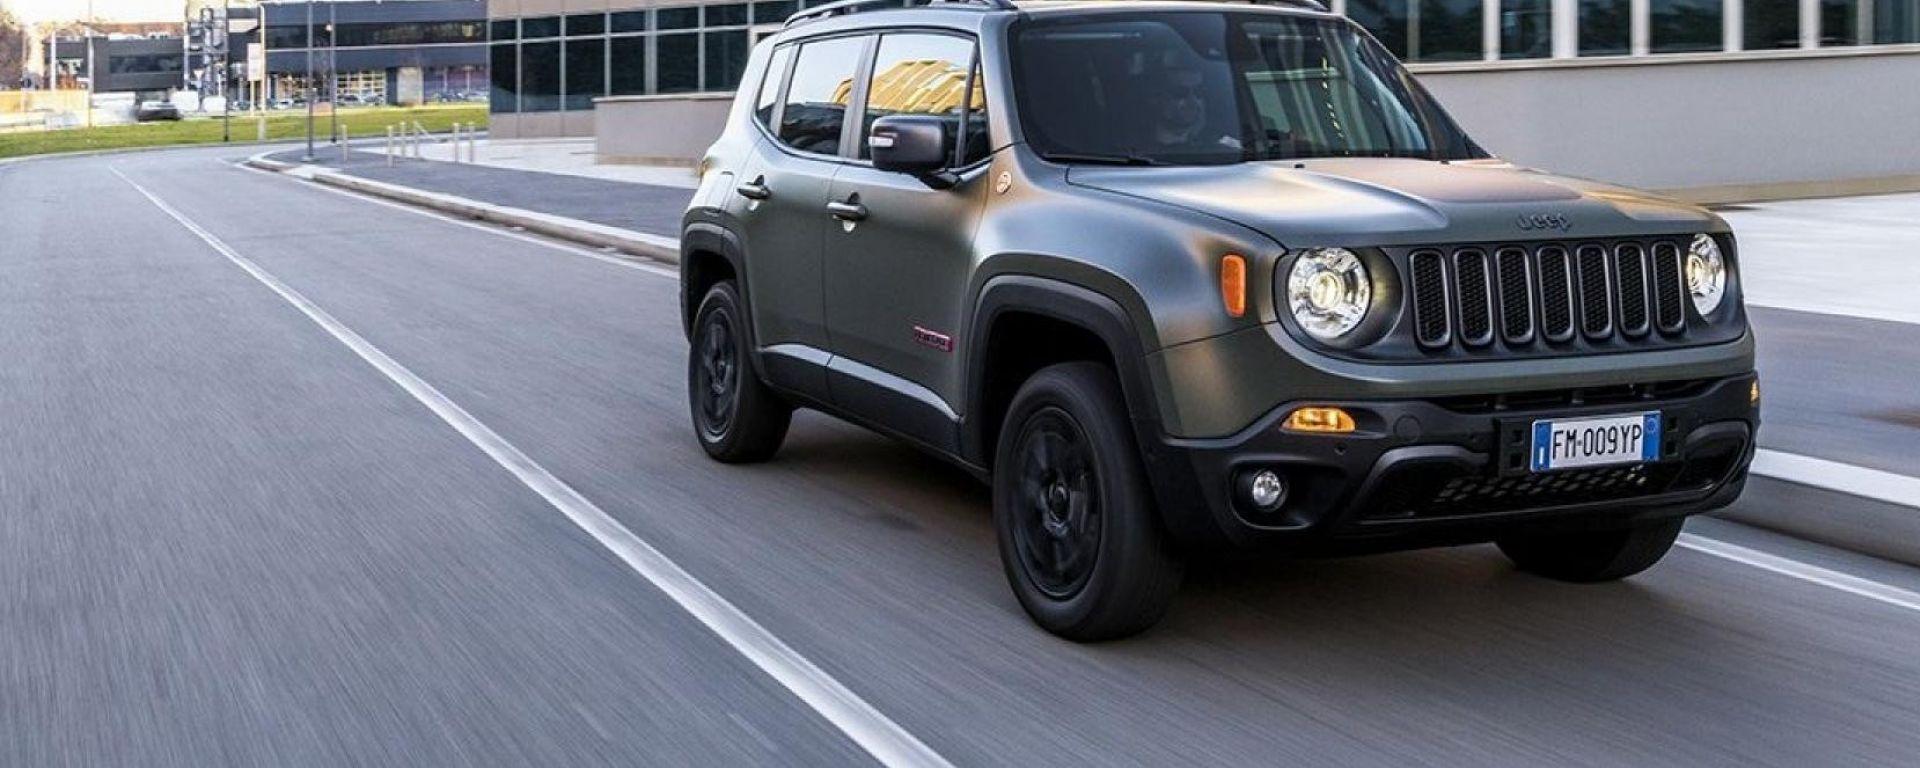 Jeep Renegade MY19. Avrà il Telepass integrato?